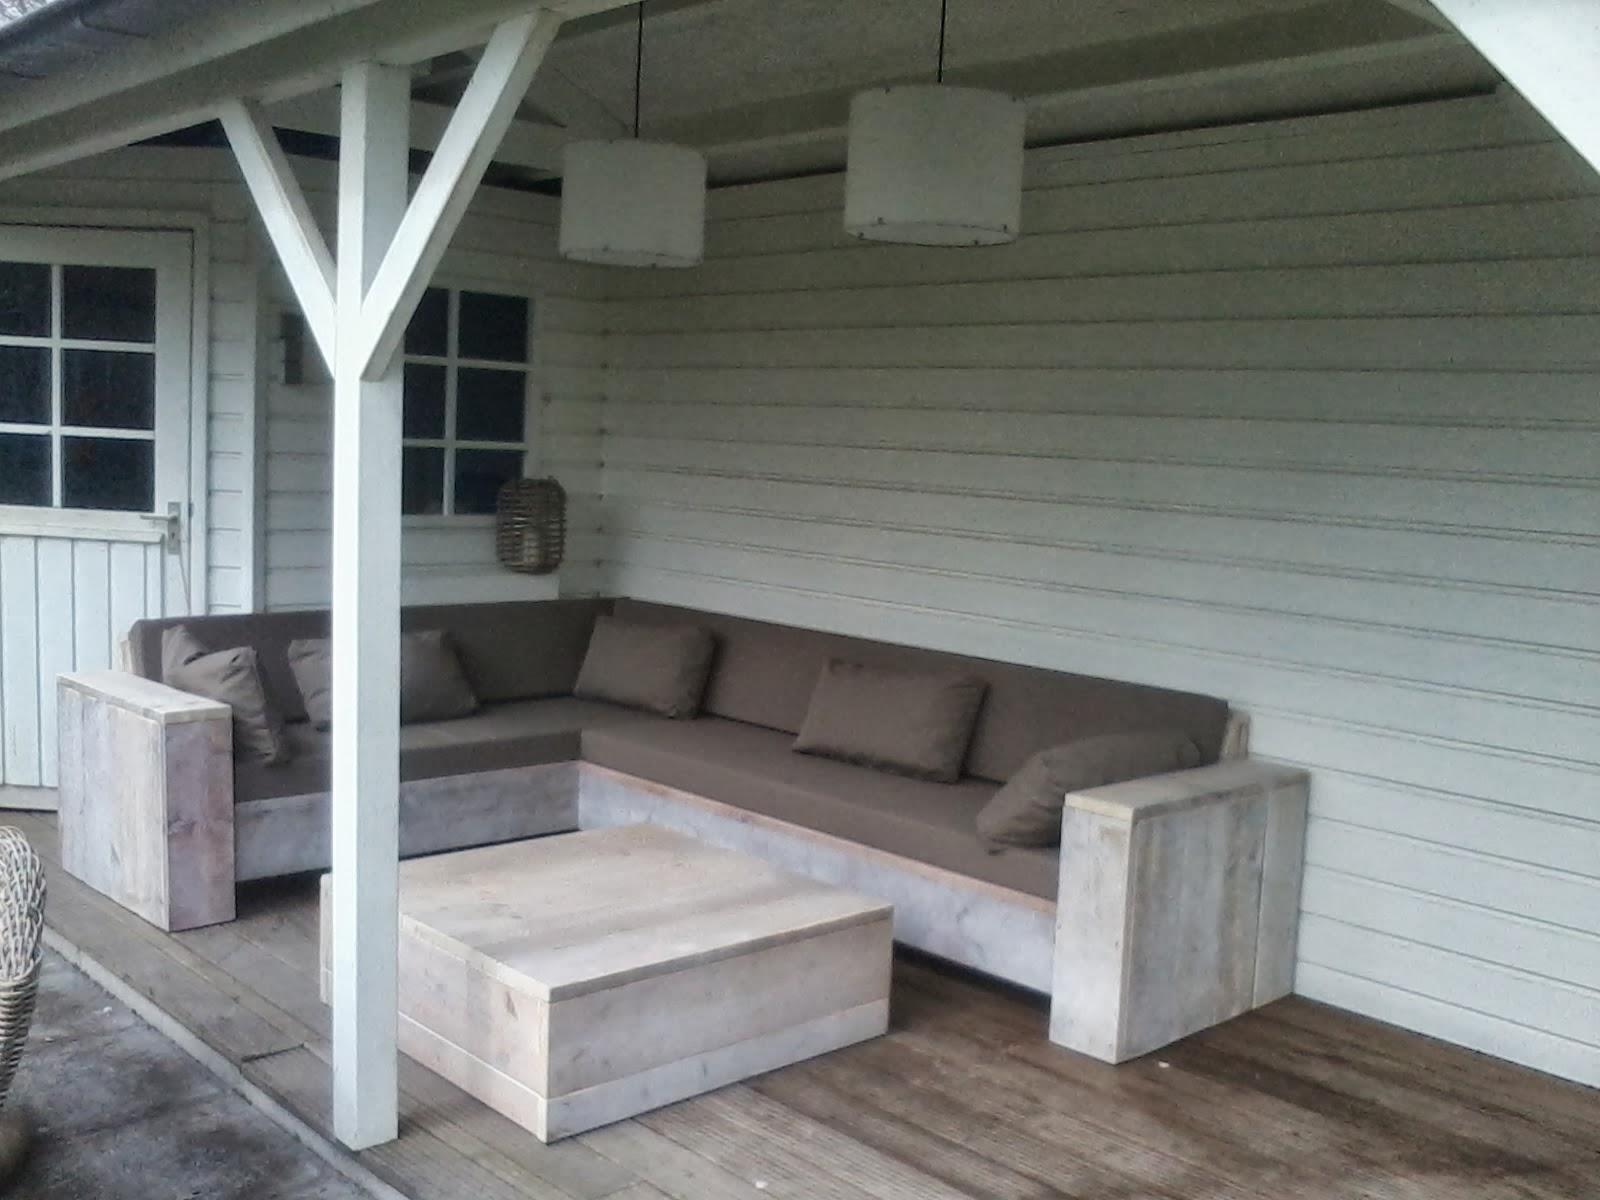 exklusiv dutch design bauholz m bel. Black Bedroom Furniture Sets. Home Design Ideas